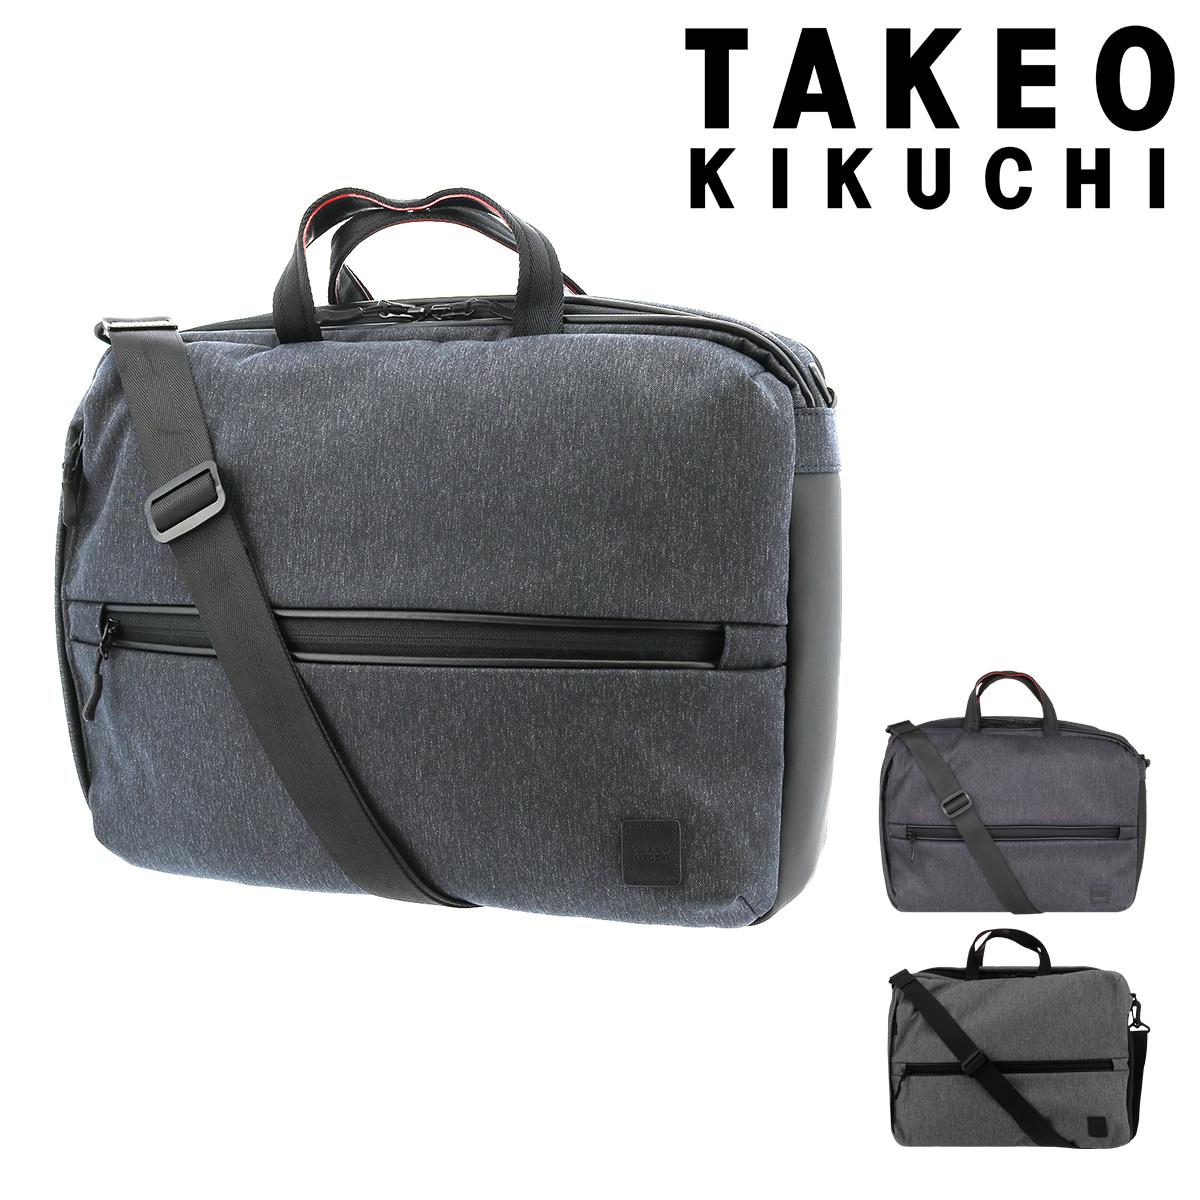 タケオキクチ ビジネスバッグ 3WAY A4 ストーム メンズ 740501 TAKEO KIKUCHI   リュック ブリーフケース 撥水 軽量 キャリーオン[PO5][bef]